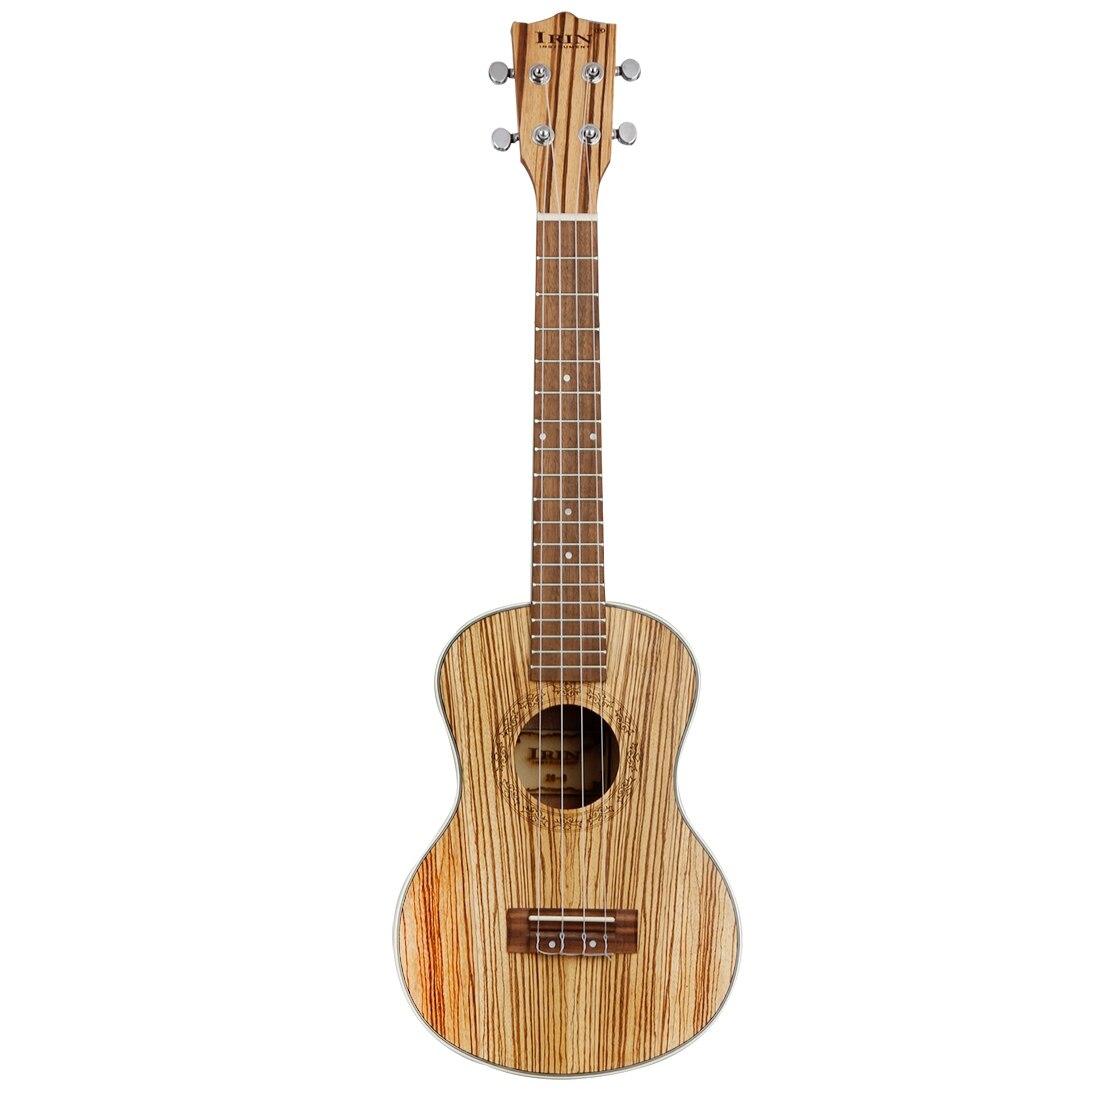 HOT-IRIN Concert ukulélé 26 pouces 4 cordes hawaïen Mini guitare acoustique guitare Ukelele guitare envoyer des cadeaux musicaux à cordes